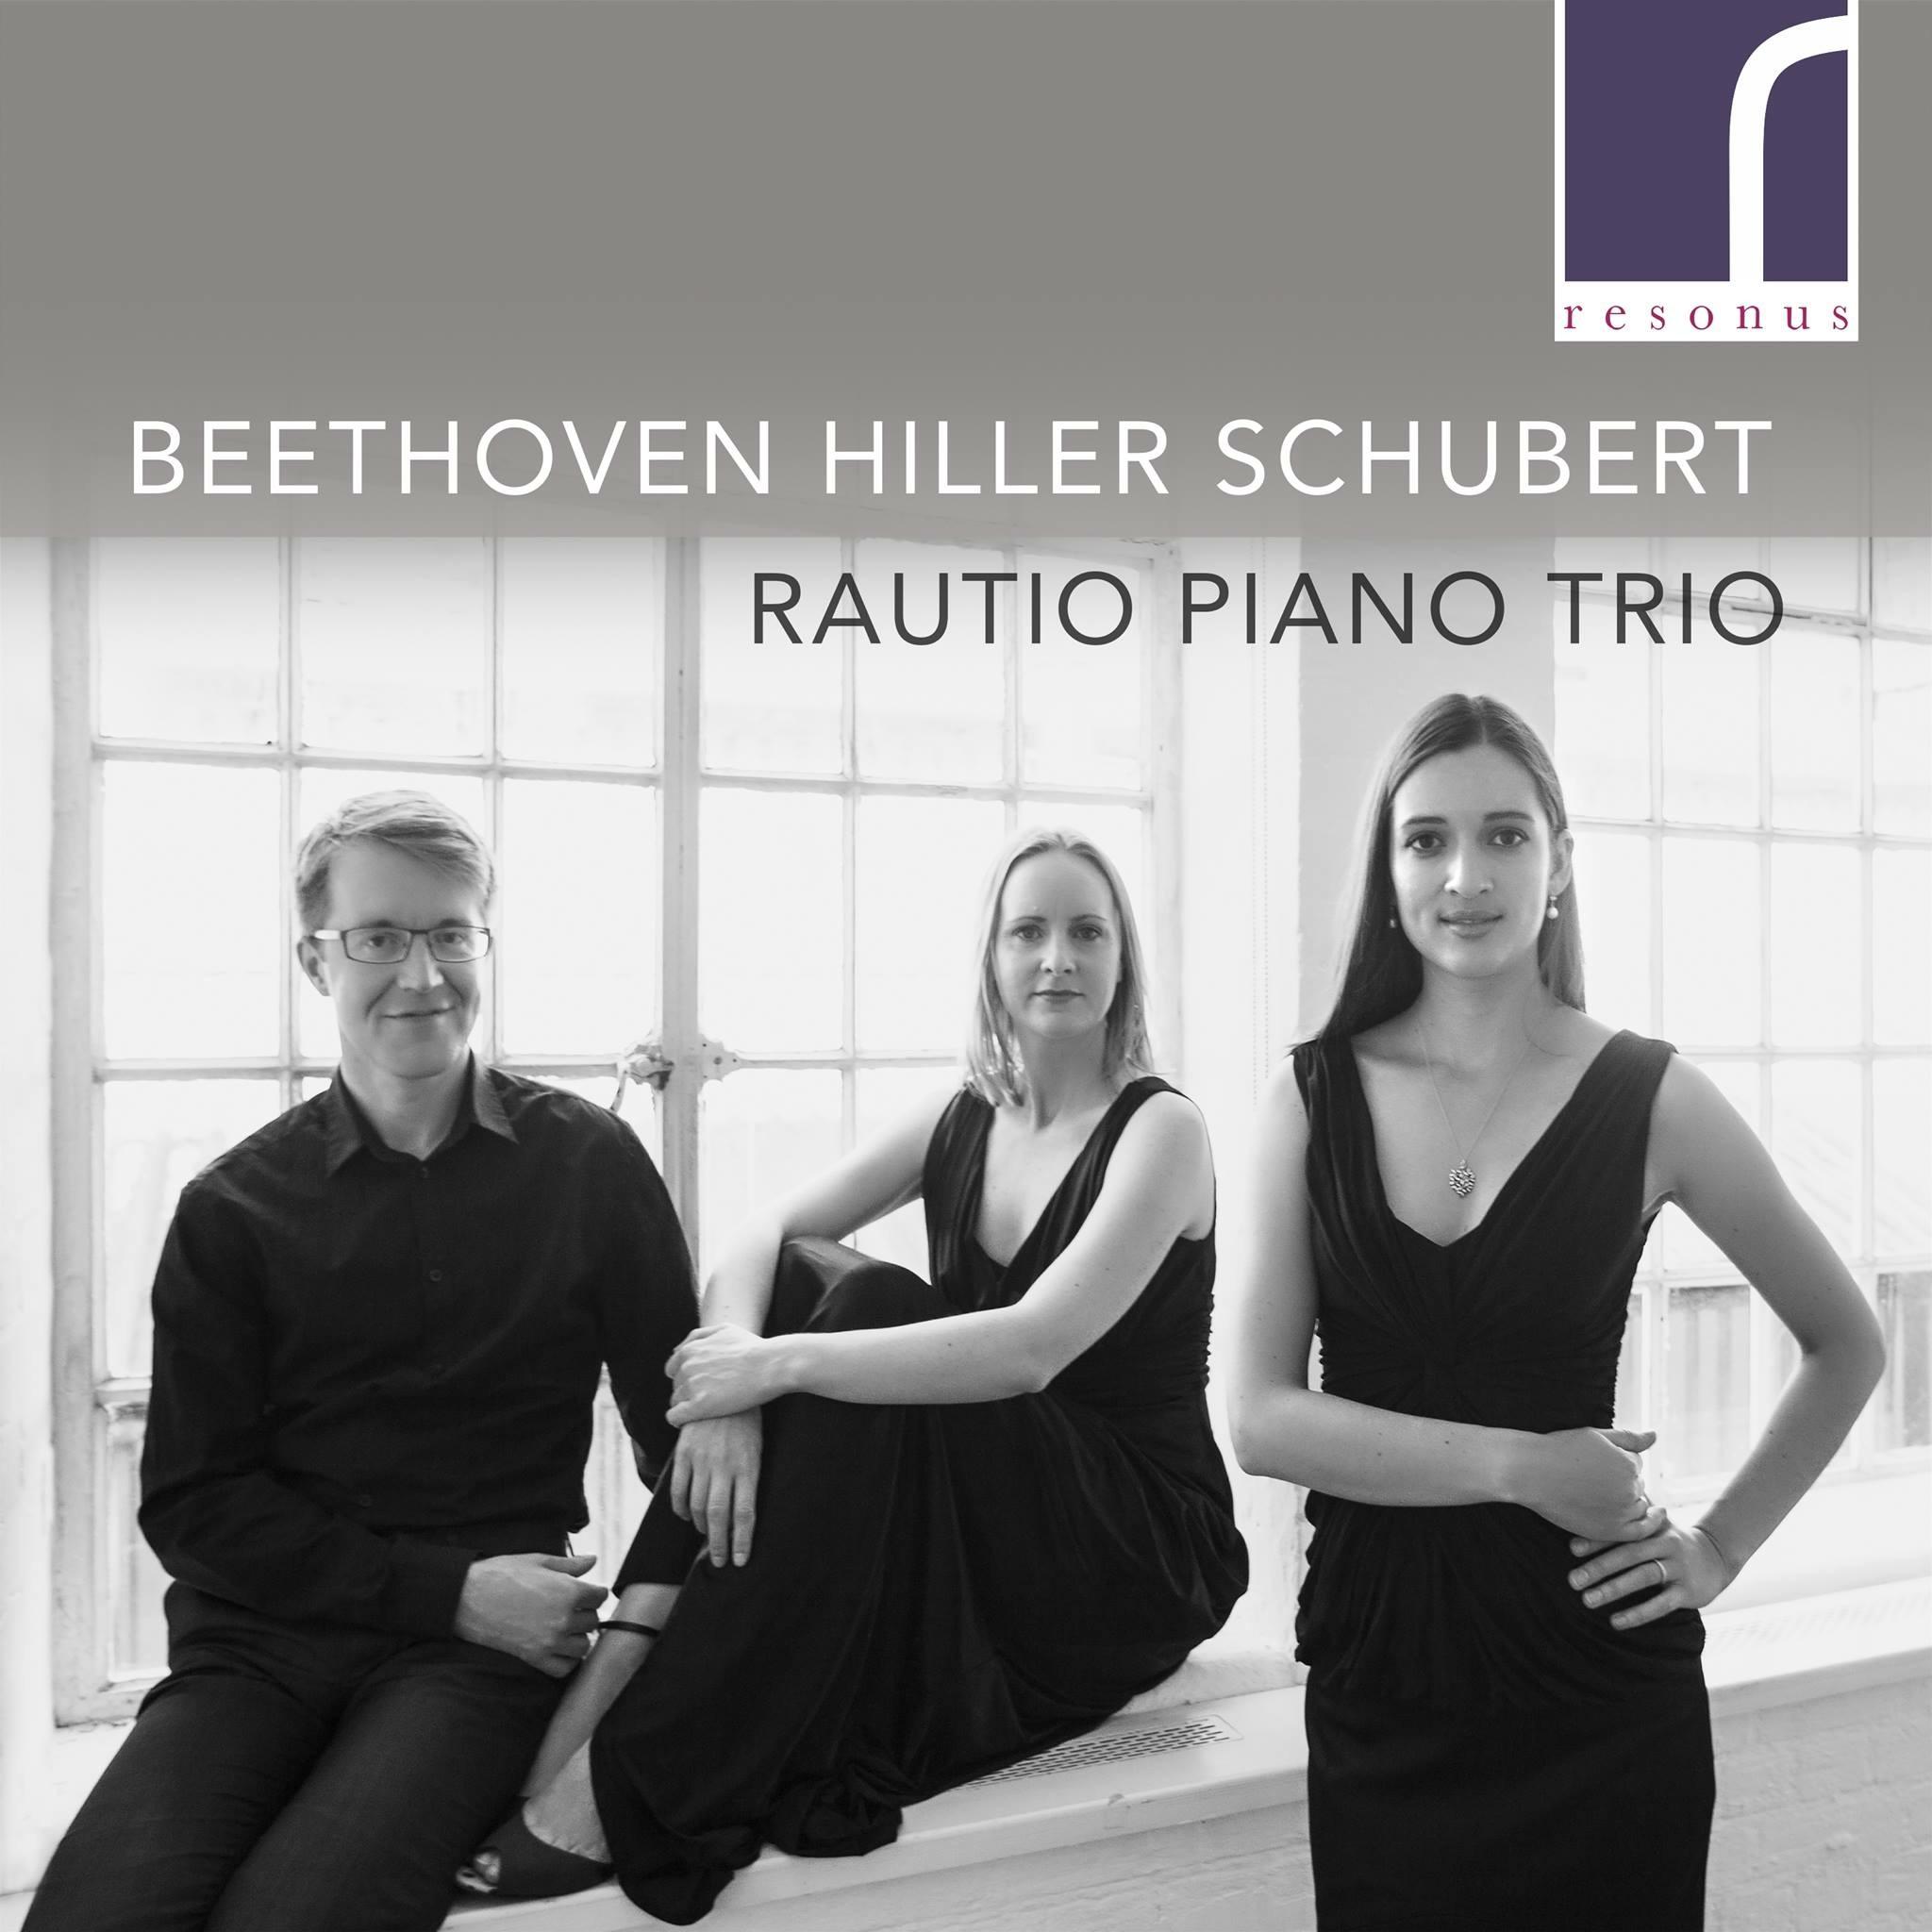 Rautio Piano Trio Beethoven, Hiller, Schubert